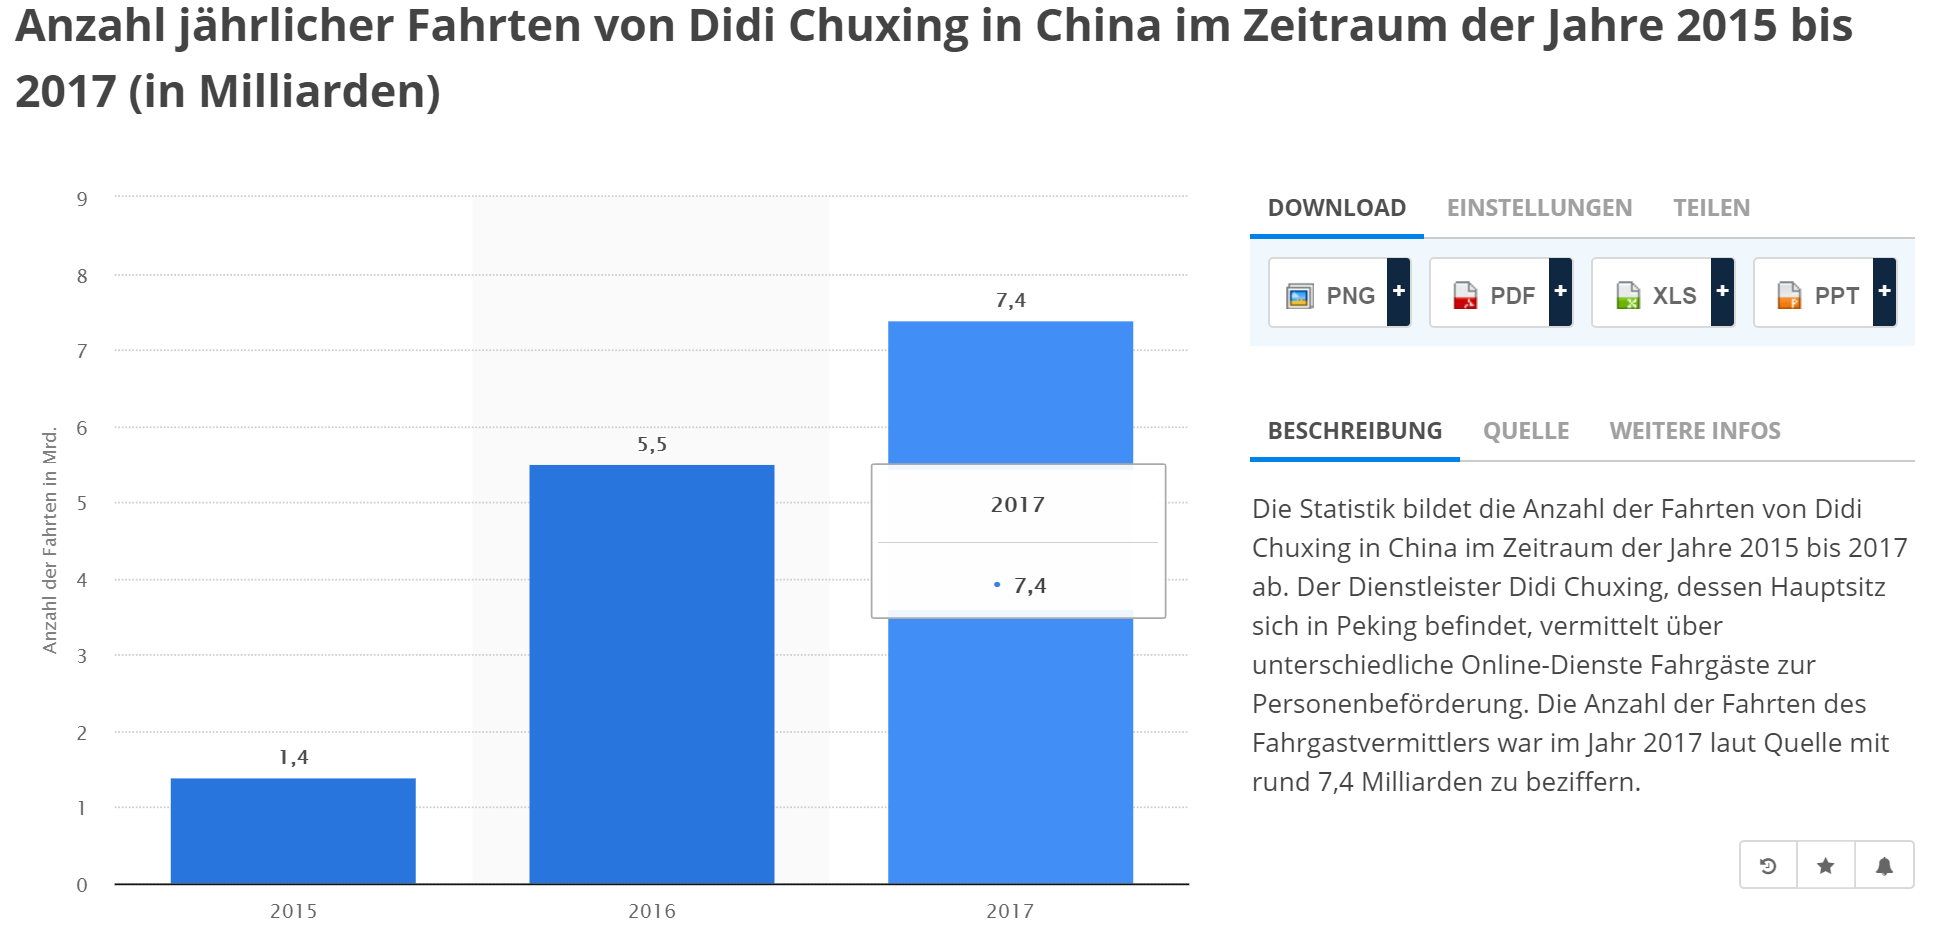 China Uber Expansion Wachstum